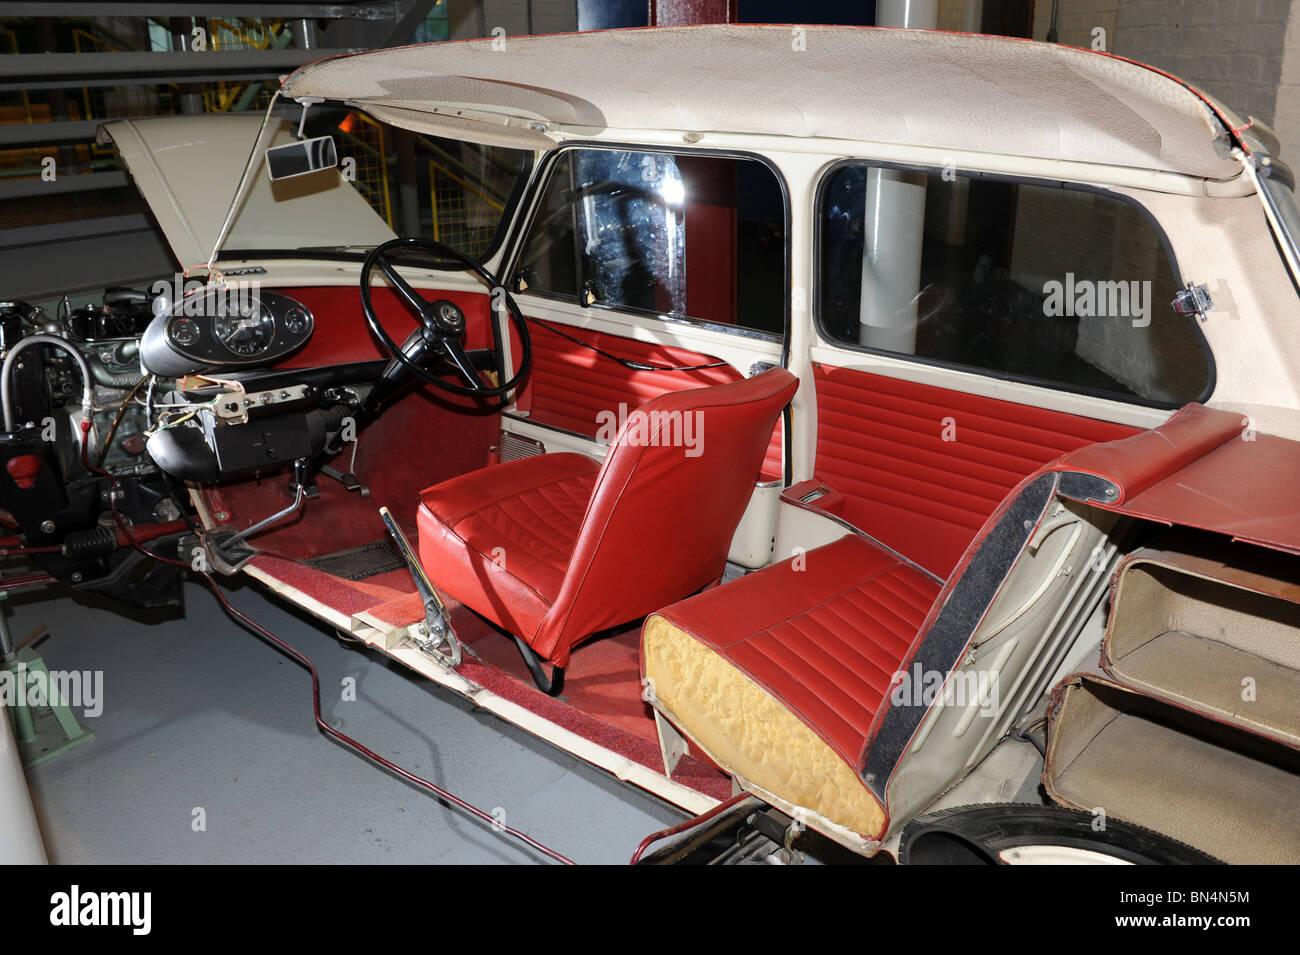 Mini coche cortar por la mitad en el Museo Enginuity en Coalbrookdale, Shropshire, RU Imagen De Stock